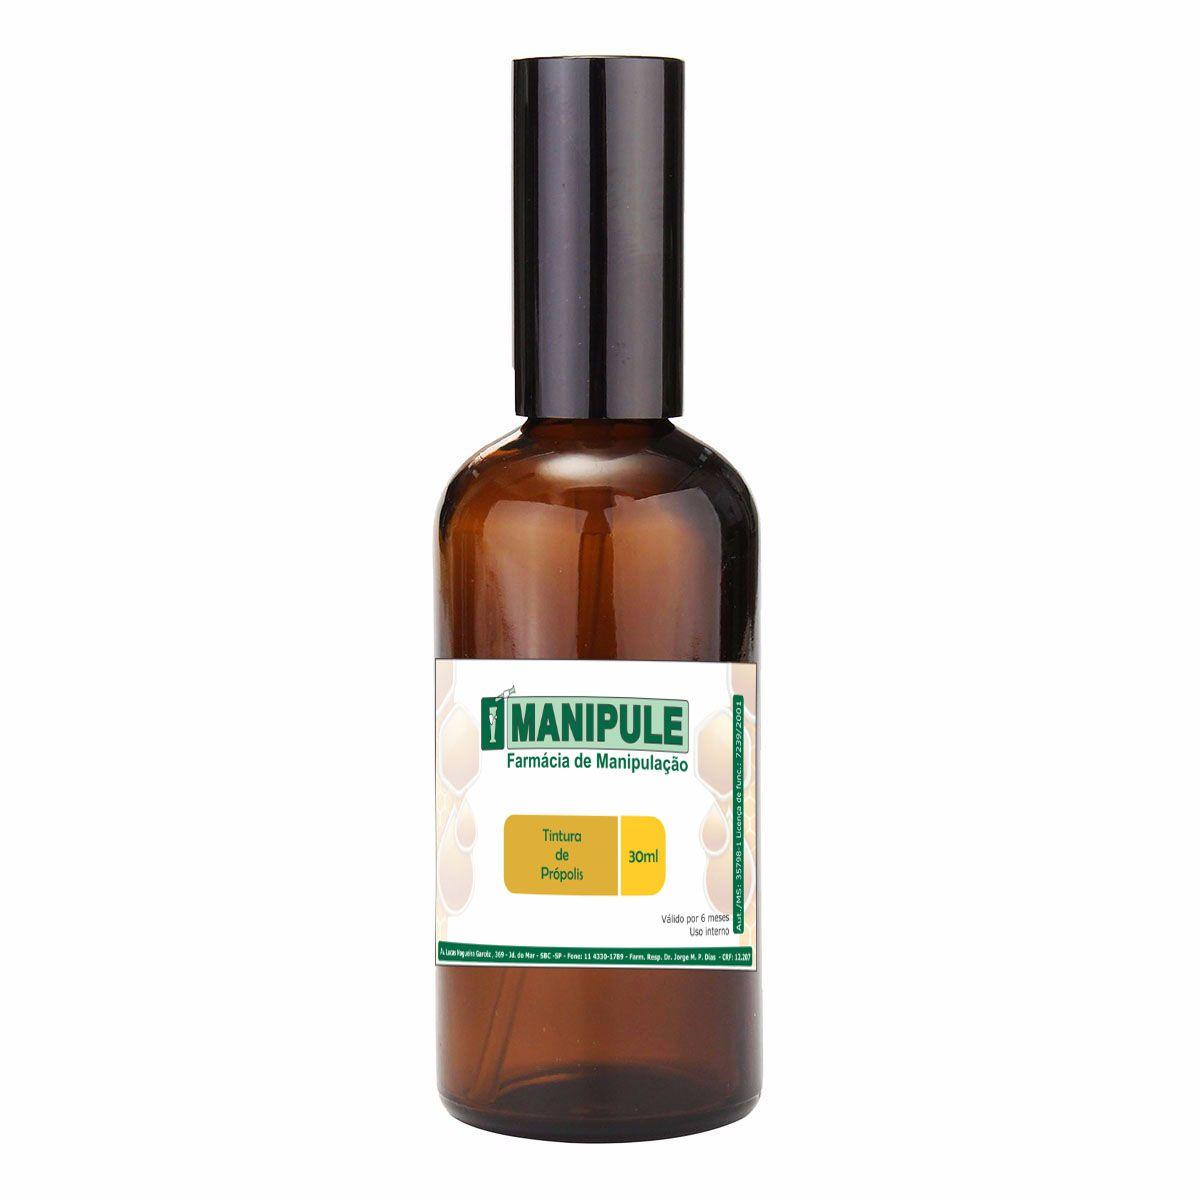 Tintura de Própolis - 30ml  - Loja Online | Manipule - Farmácia de Manipulação